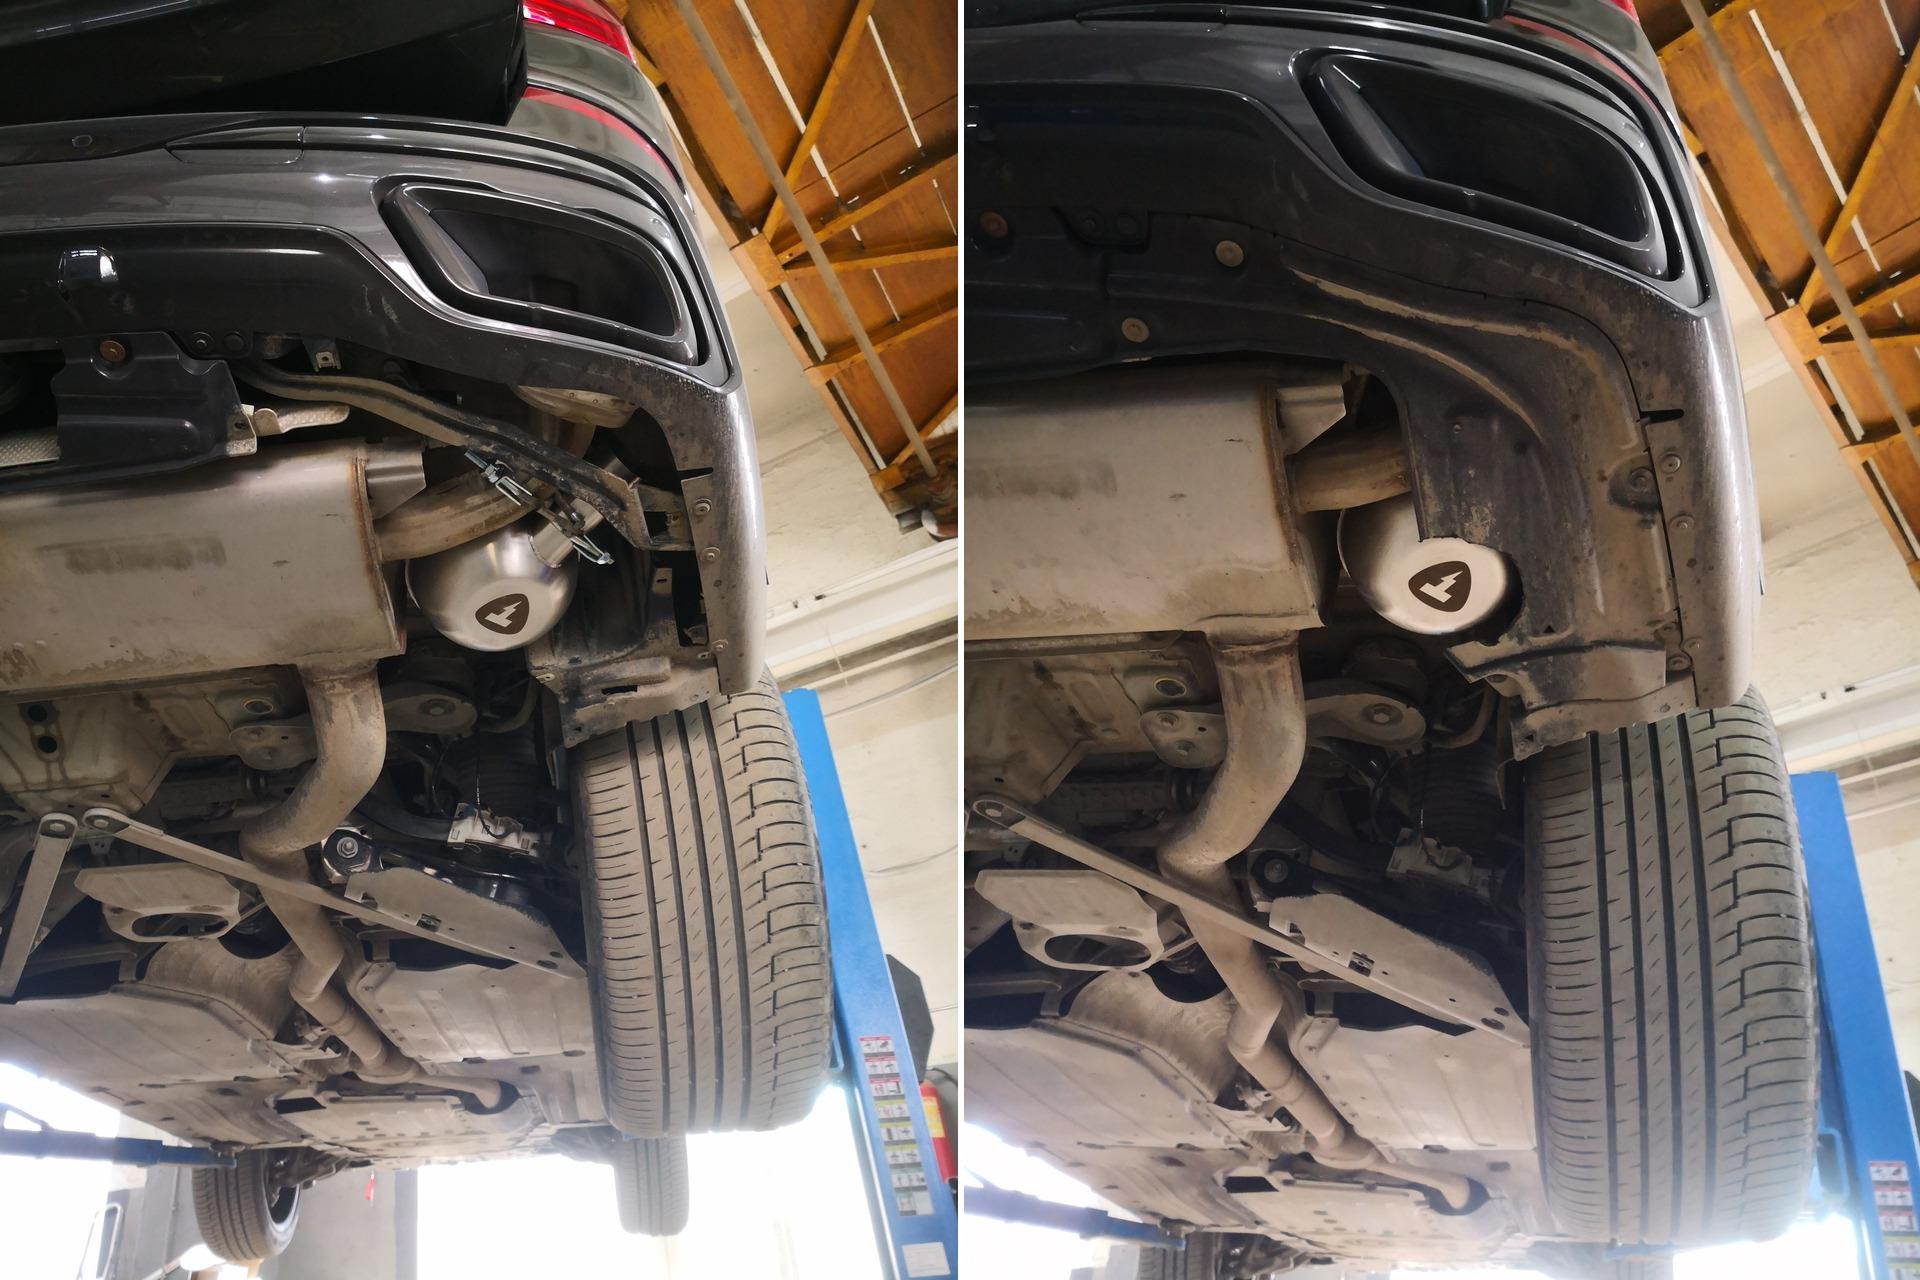 дооснащение BMW X7 G07 активным выхлопом Thor